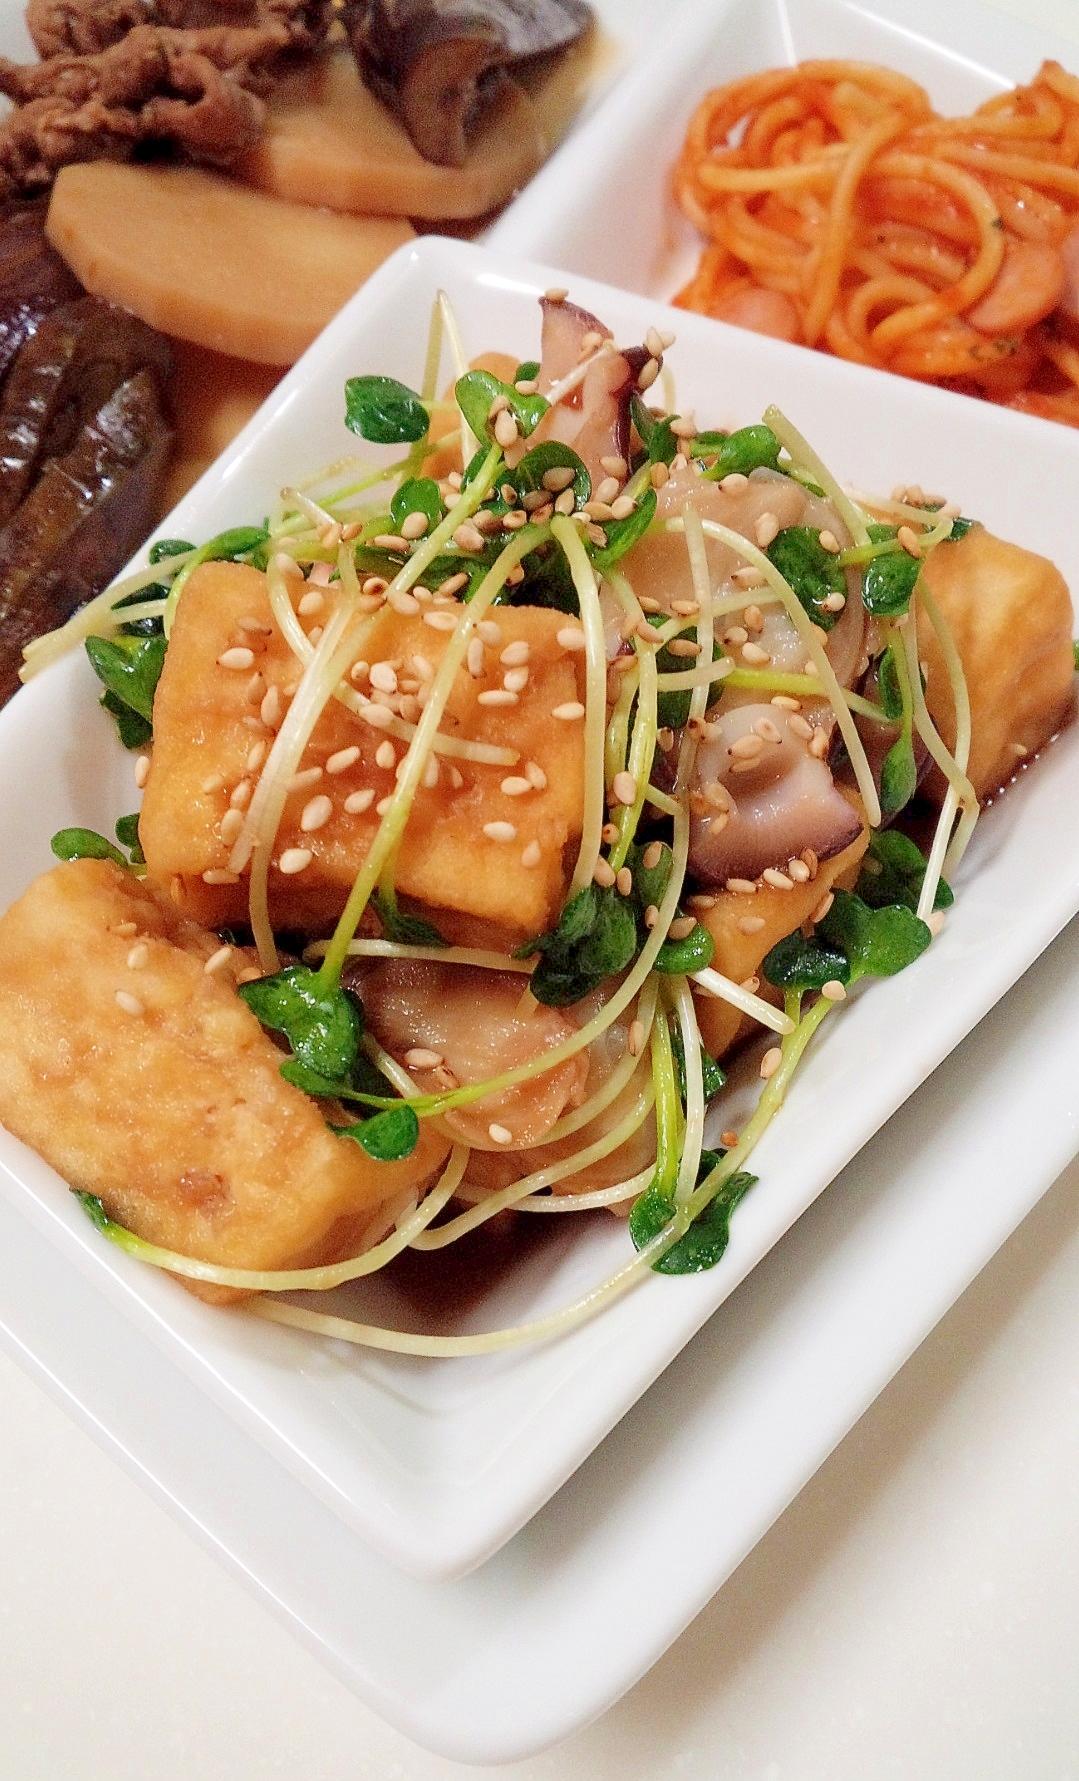 あと一品に☆揚げ豆腐とタコのサラダ風☆